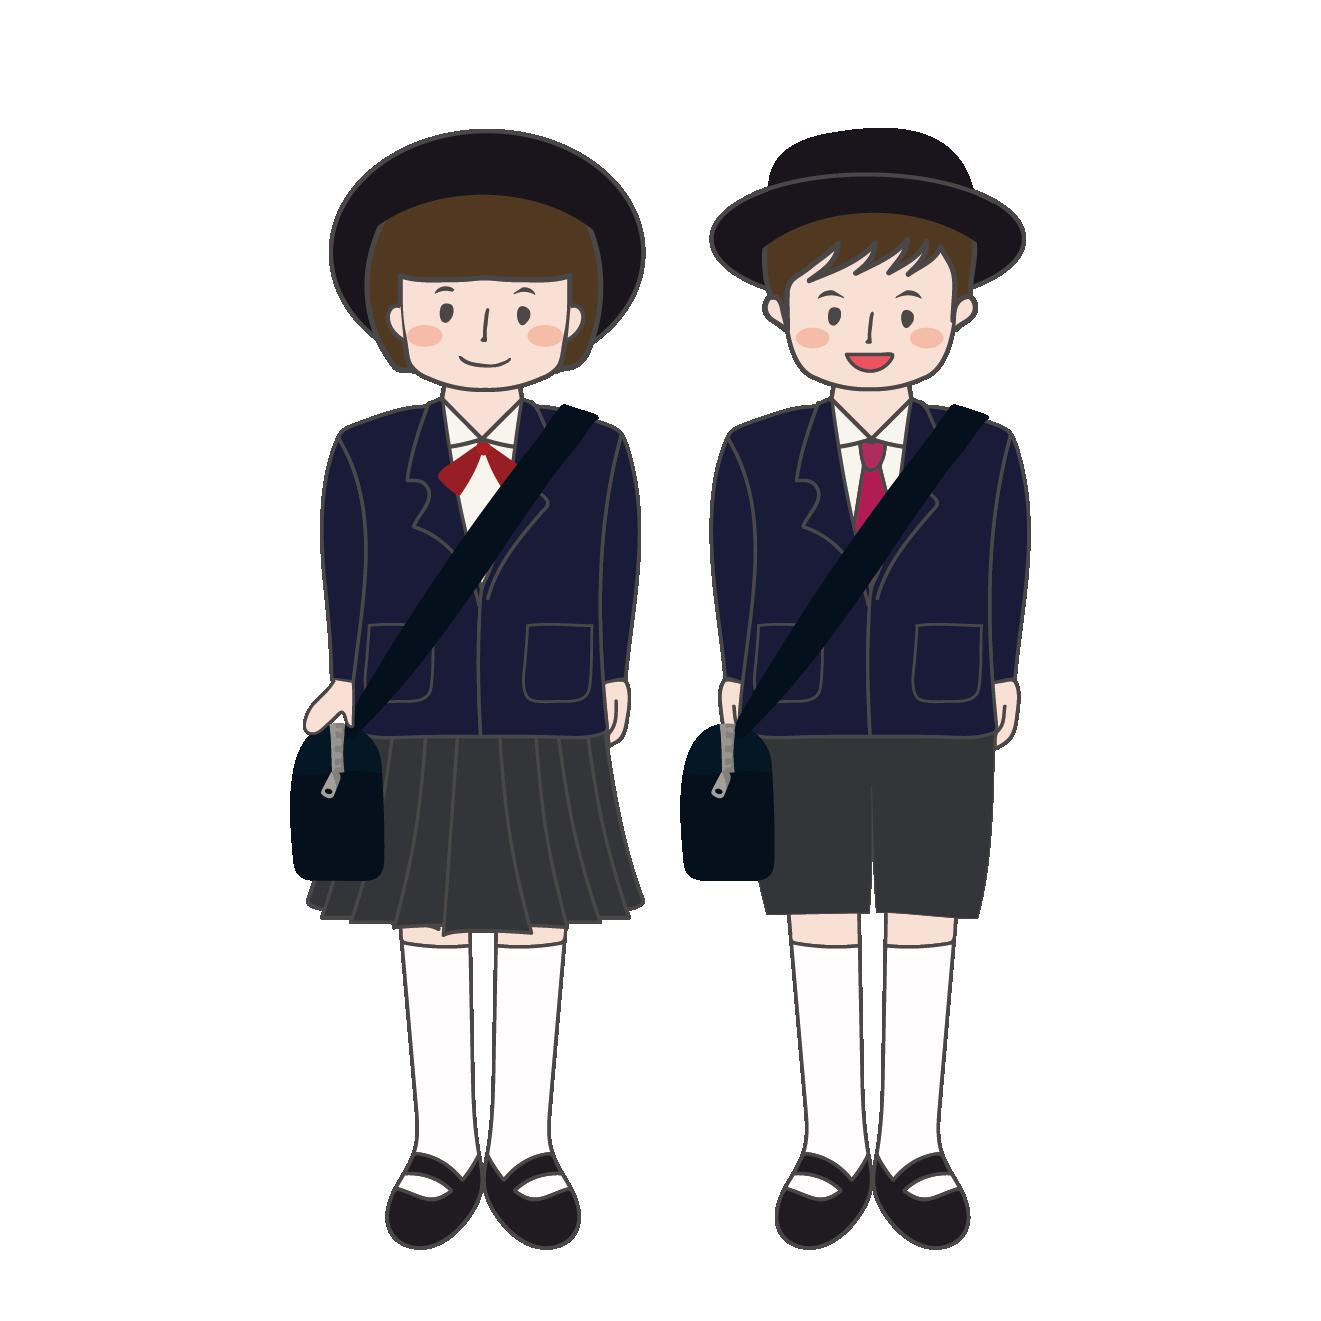 制服を着た男の子と女の子の幼稚園児のイラスト 商用フリー無料の